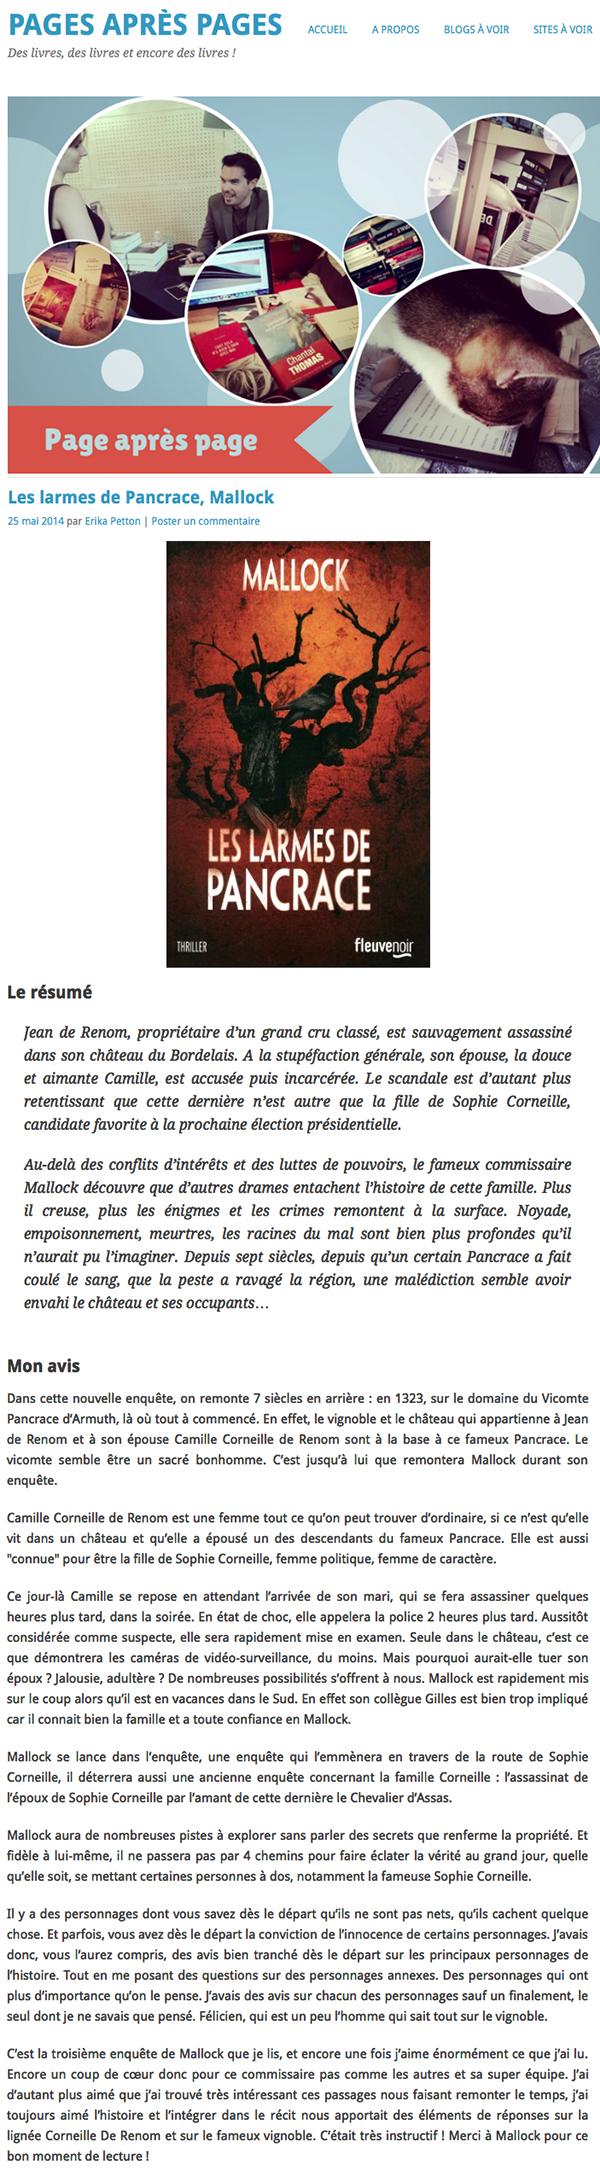 Pageaprespage.les-larmes-de-pancrace-mallock copie